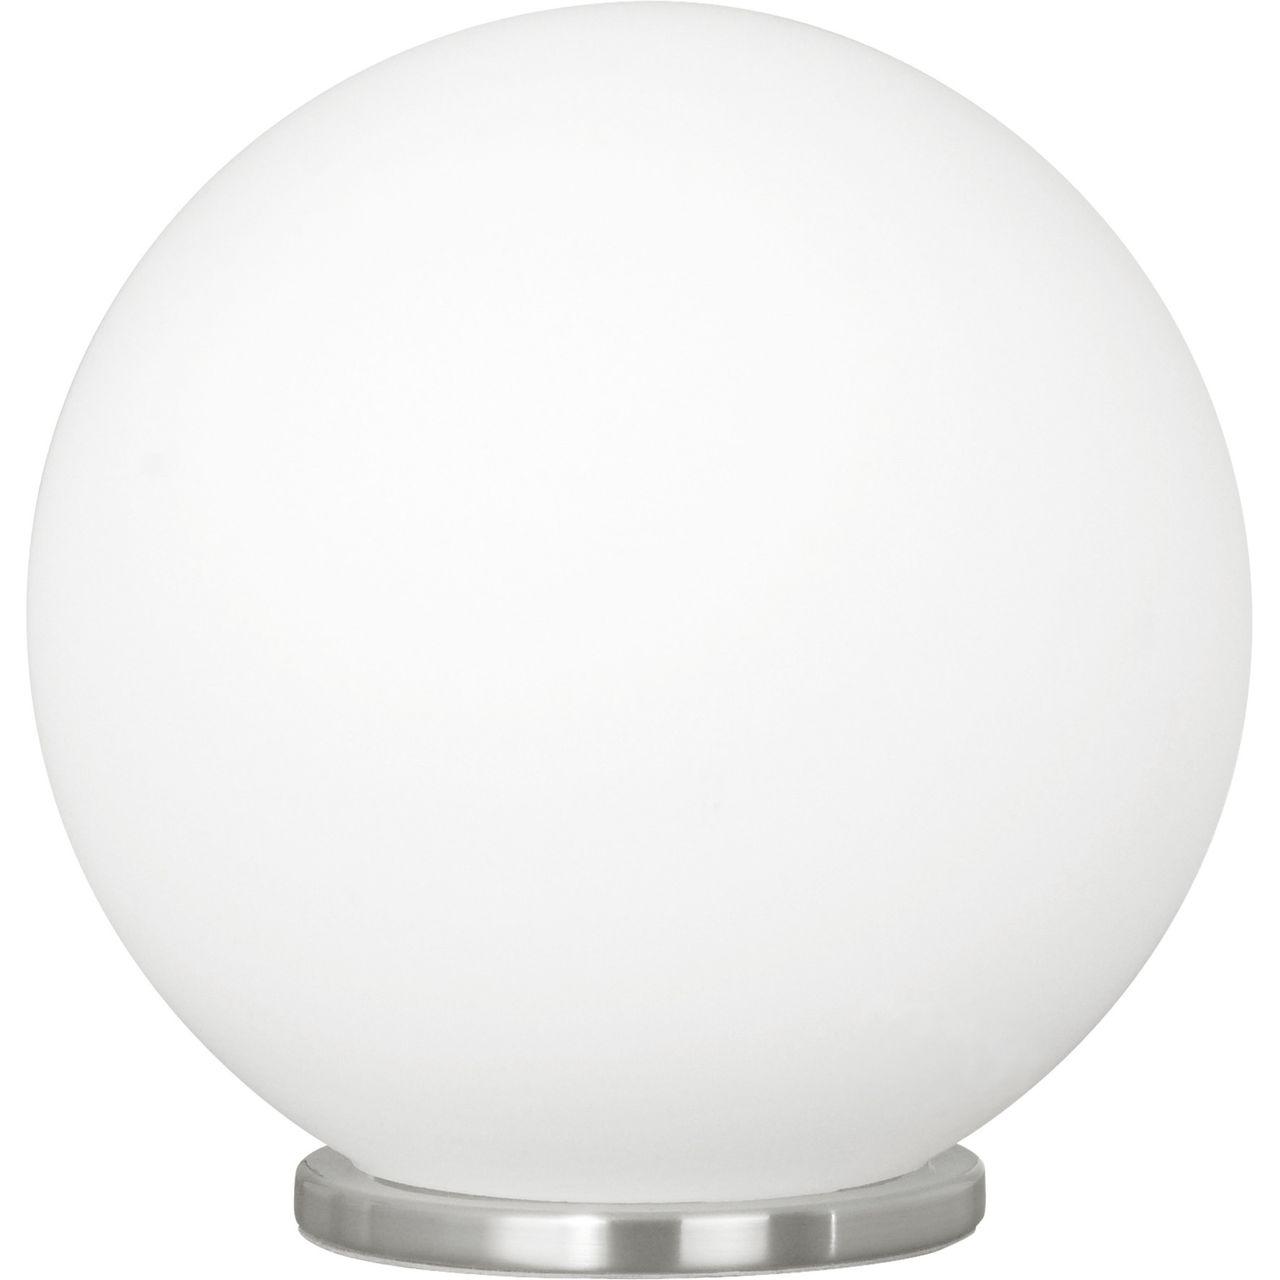 Настольная лампа Eglo Rondo 85264 eglo настольная лампа eglo trungle 49624